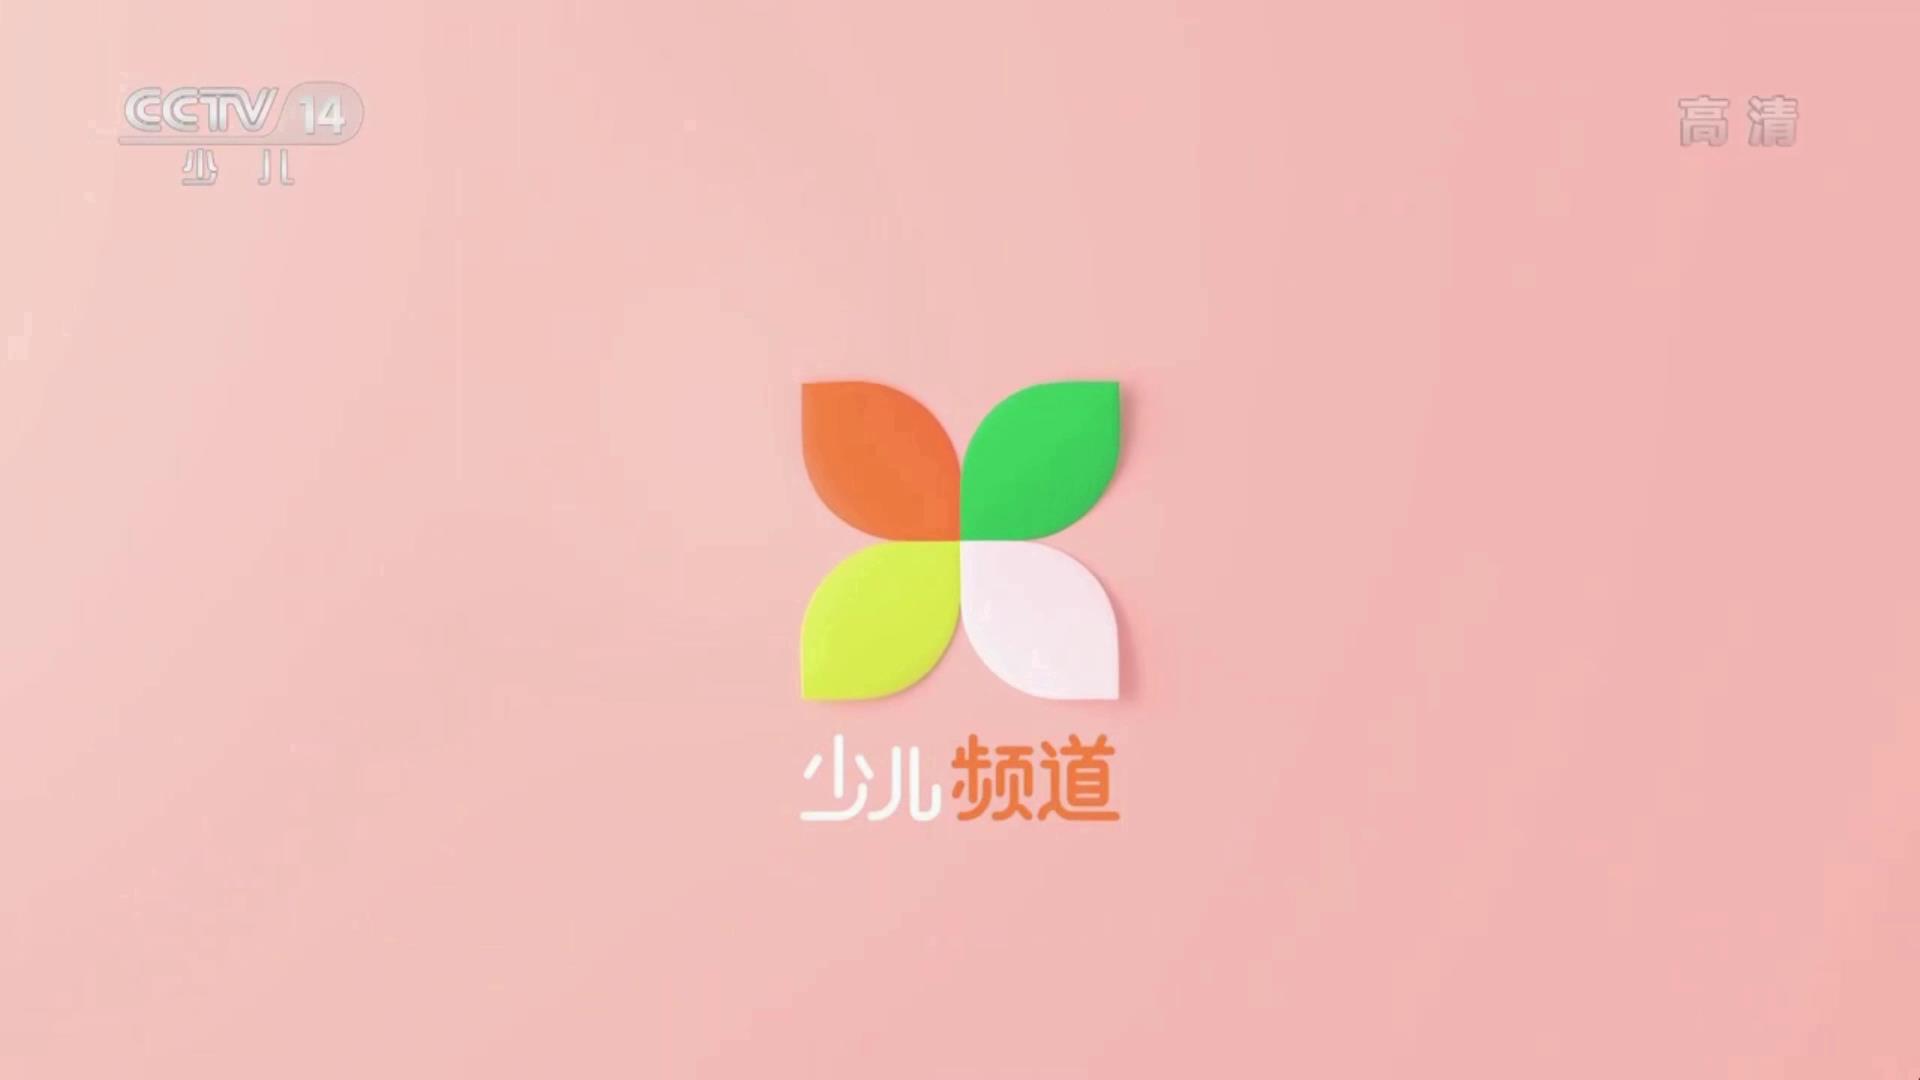 【放送】CCTV14少儿频道历年ID集锦(2003——)